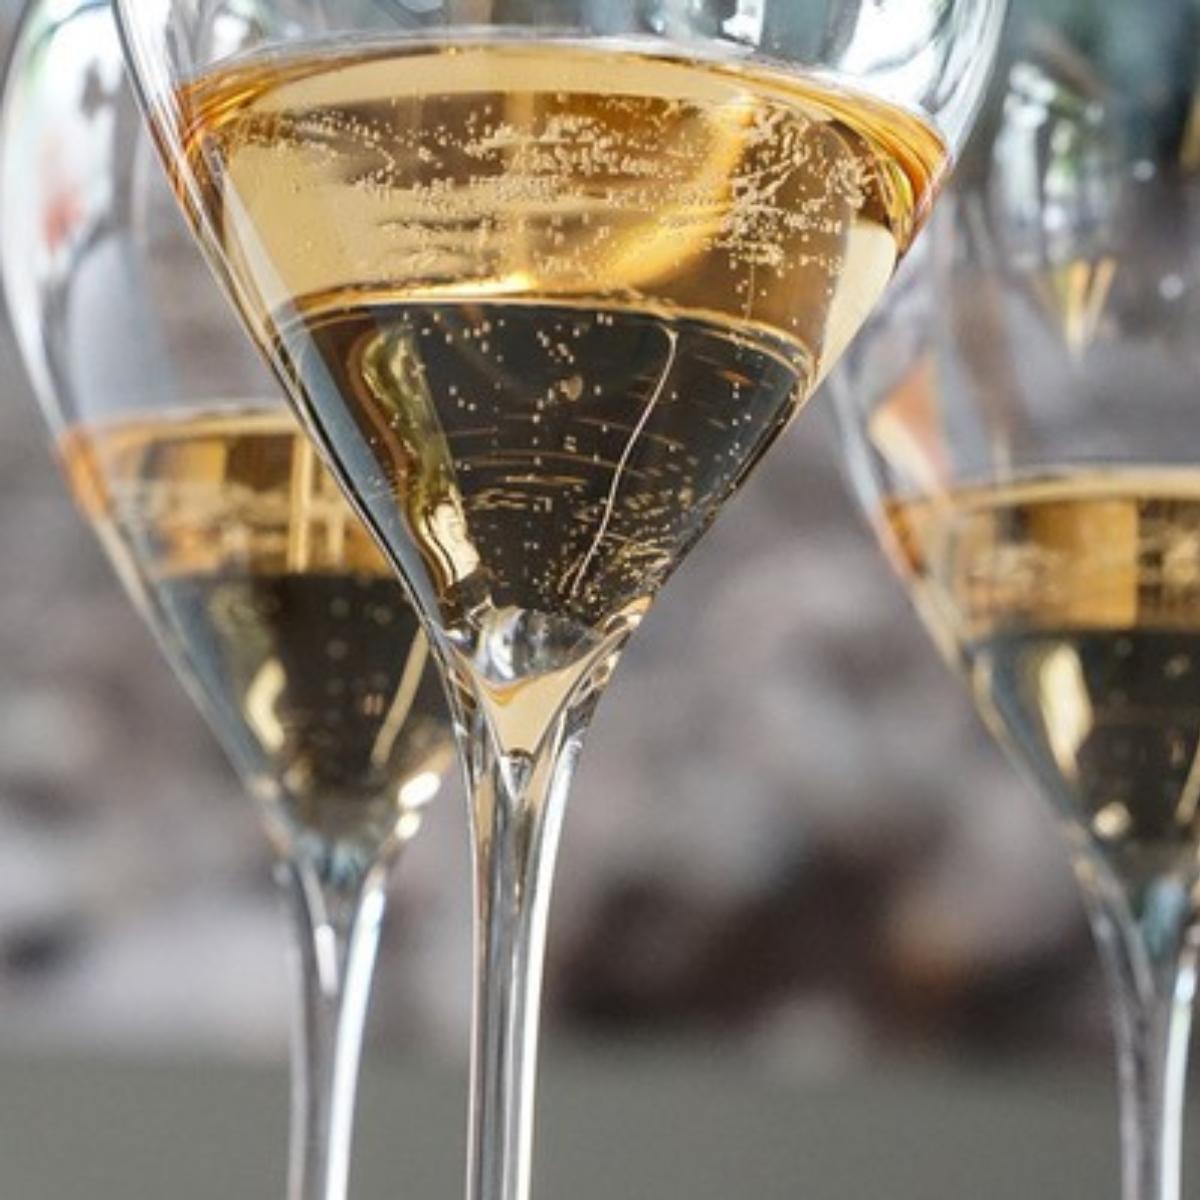 Einfach Geniessen I Online Wein Tasting (3)